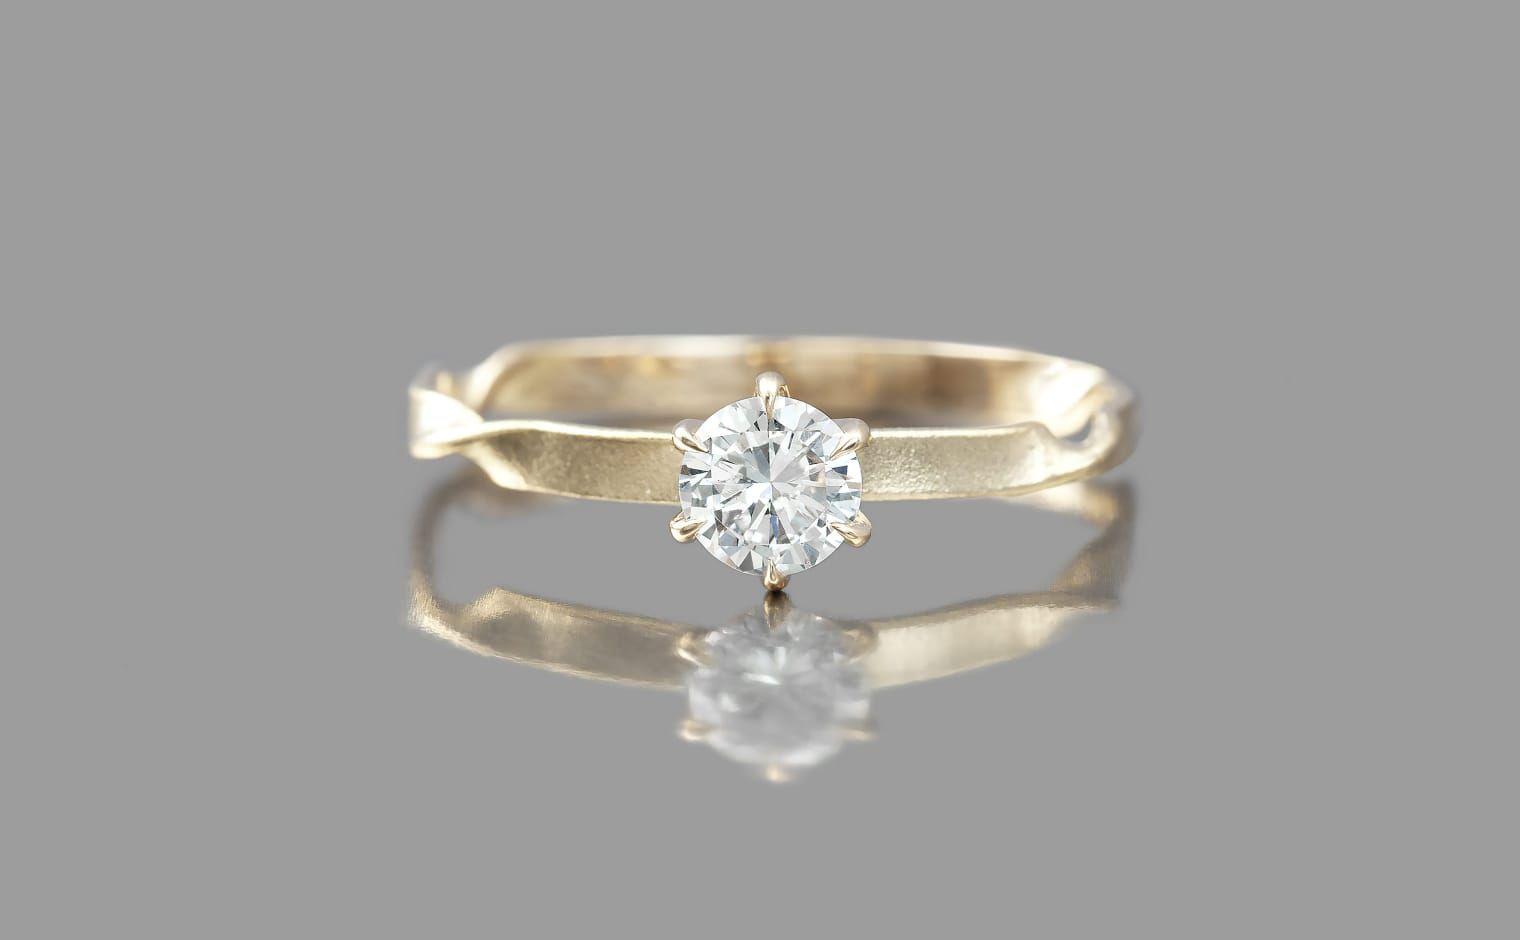 Kataoka Twisting Diamond Solitaire Ring